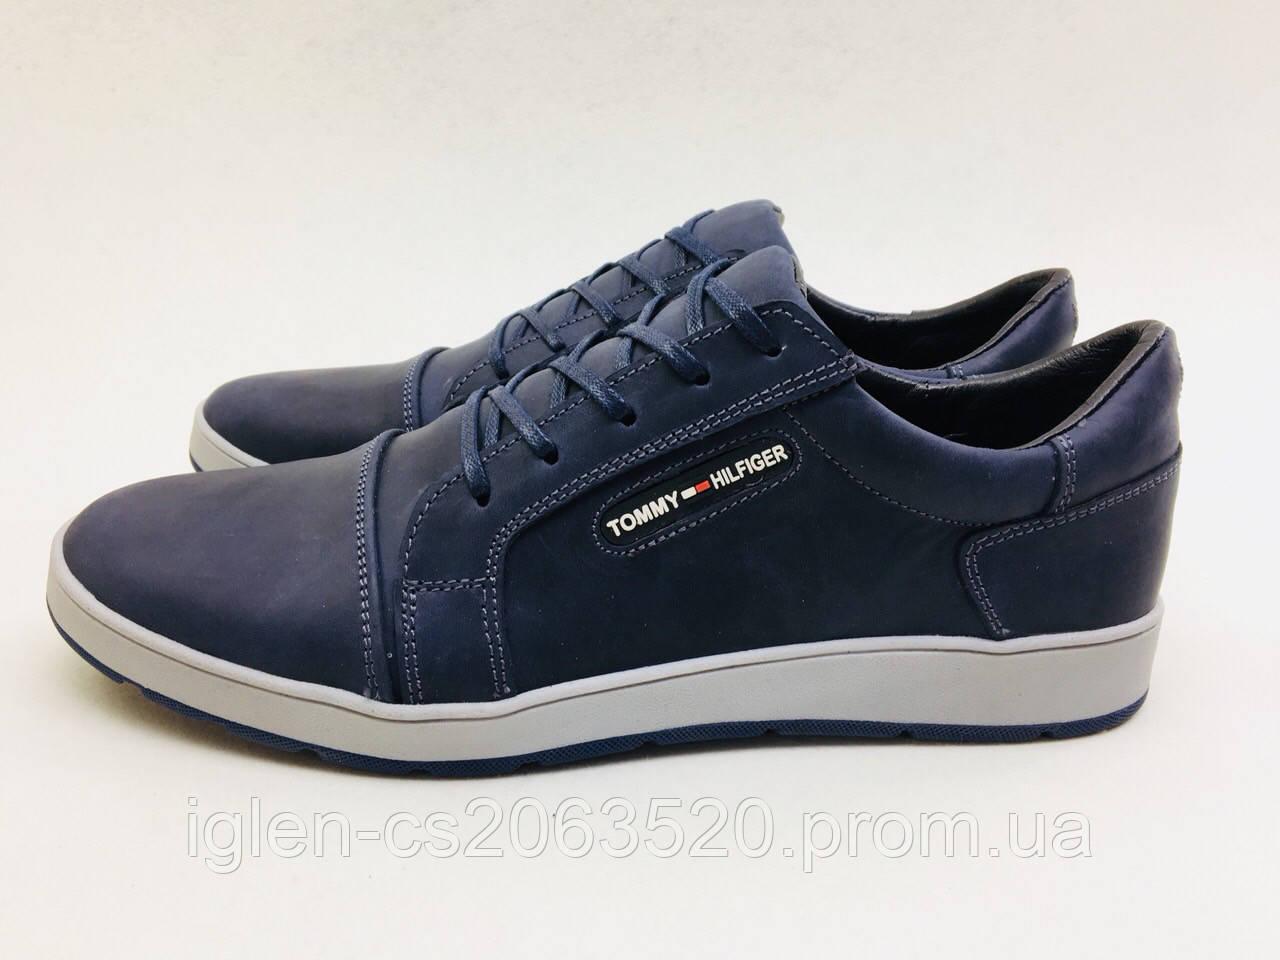 Мужские кроссовки Tommy Hilfiger синие